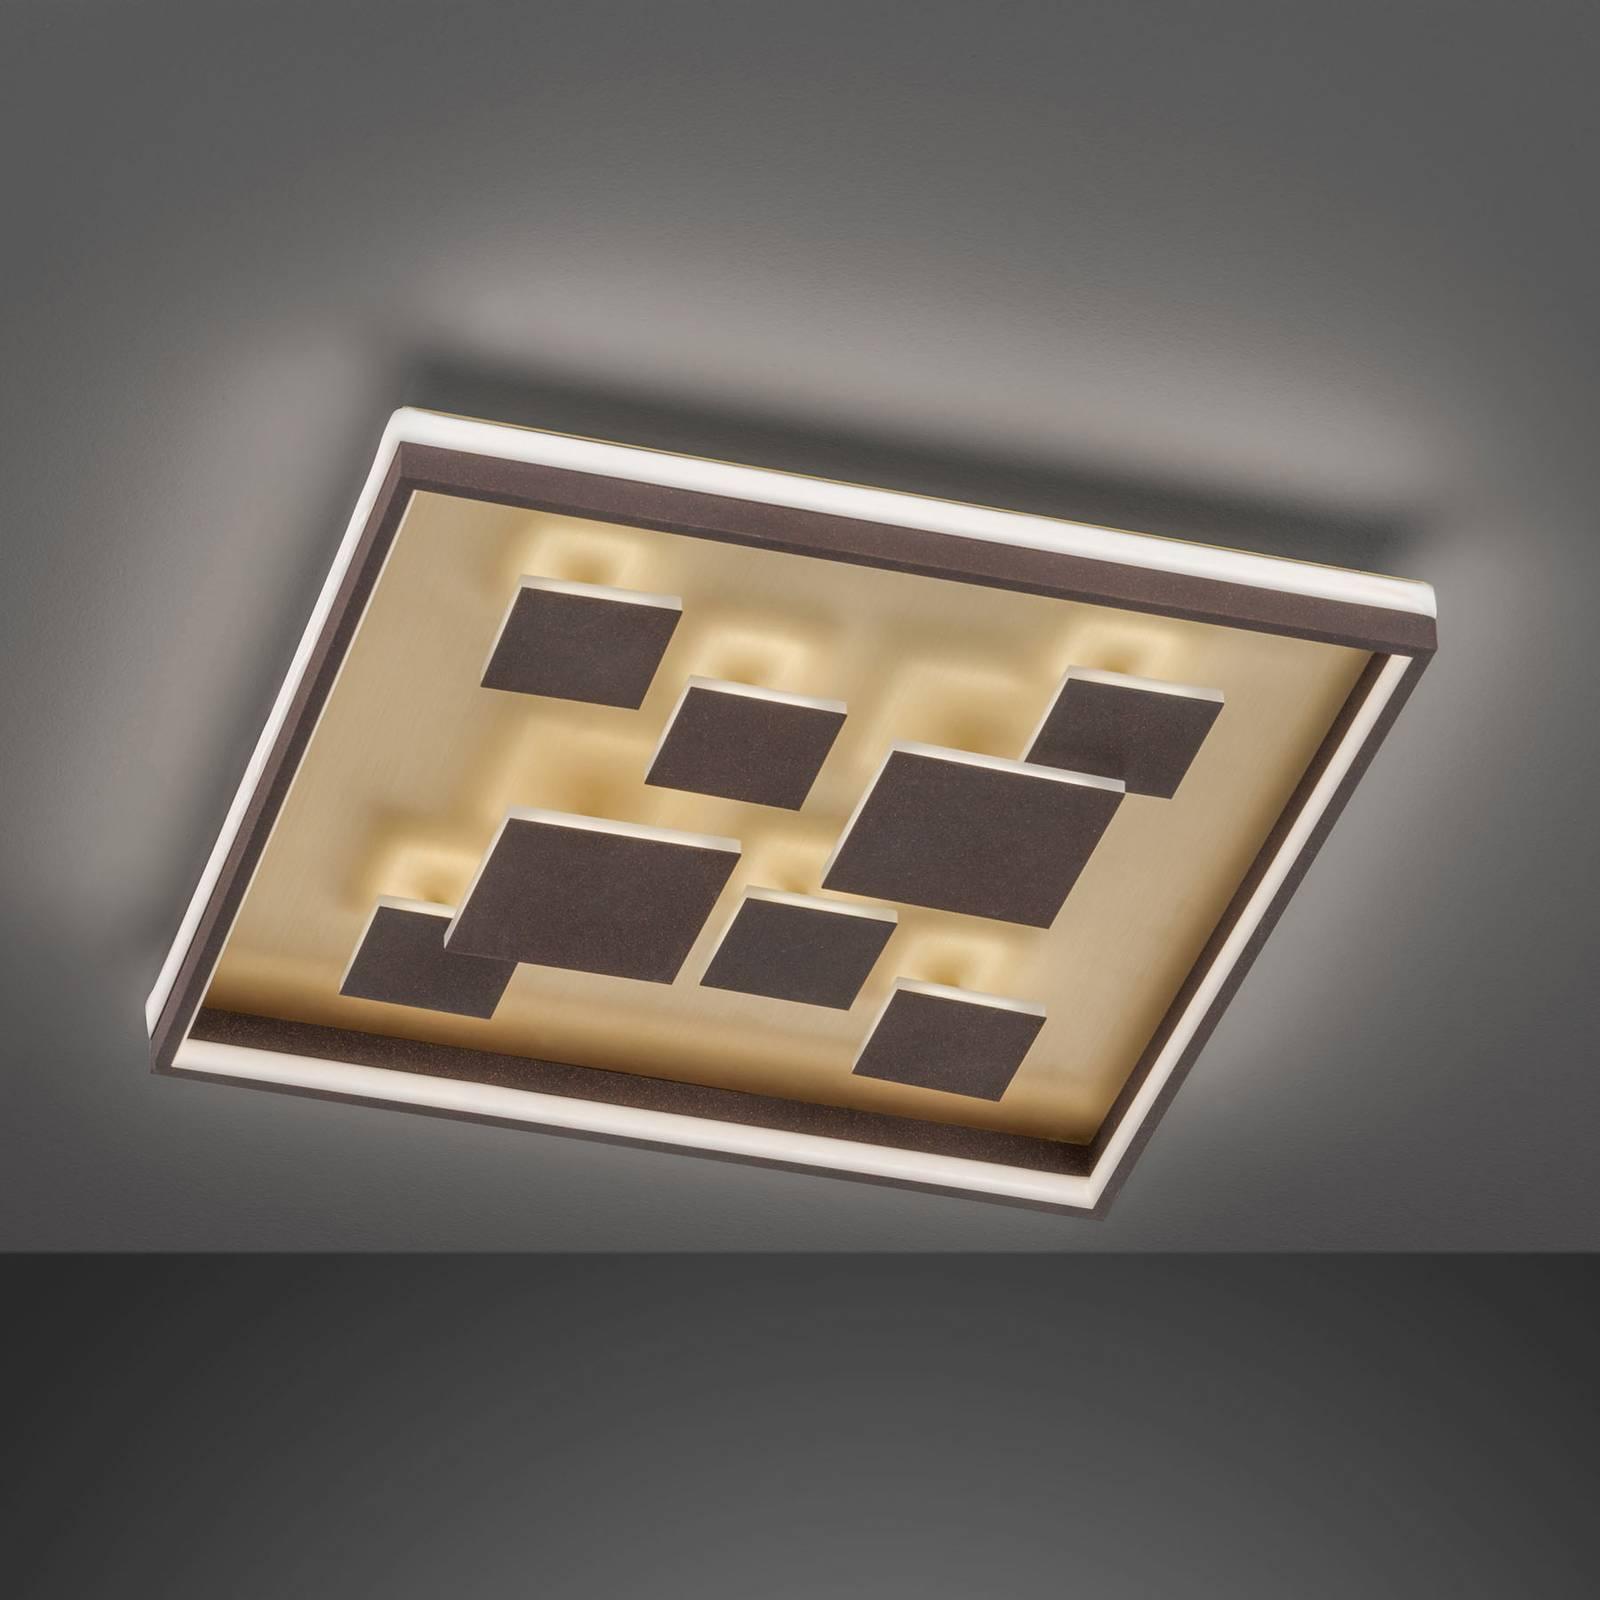 LED-kattovalaisin Rico, himmennettävä, kulmikas